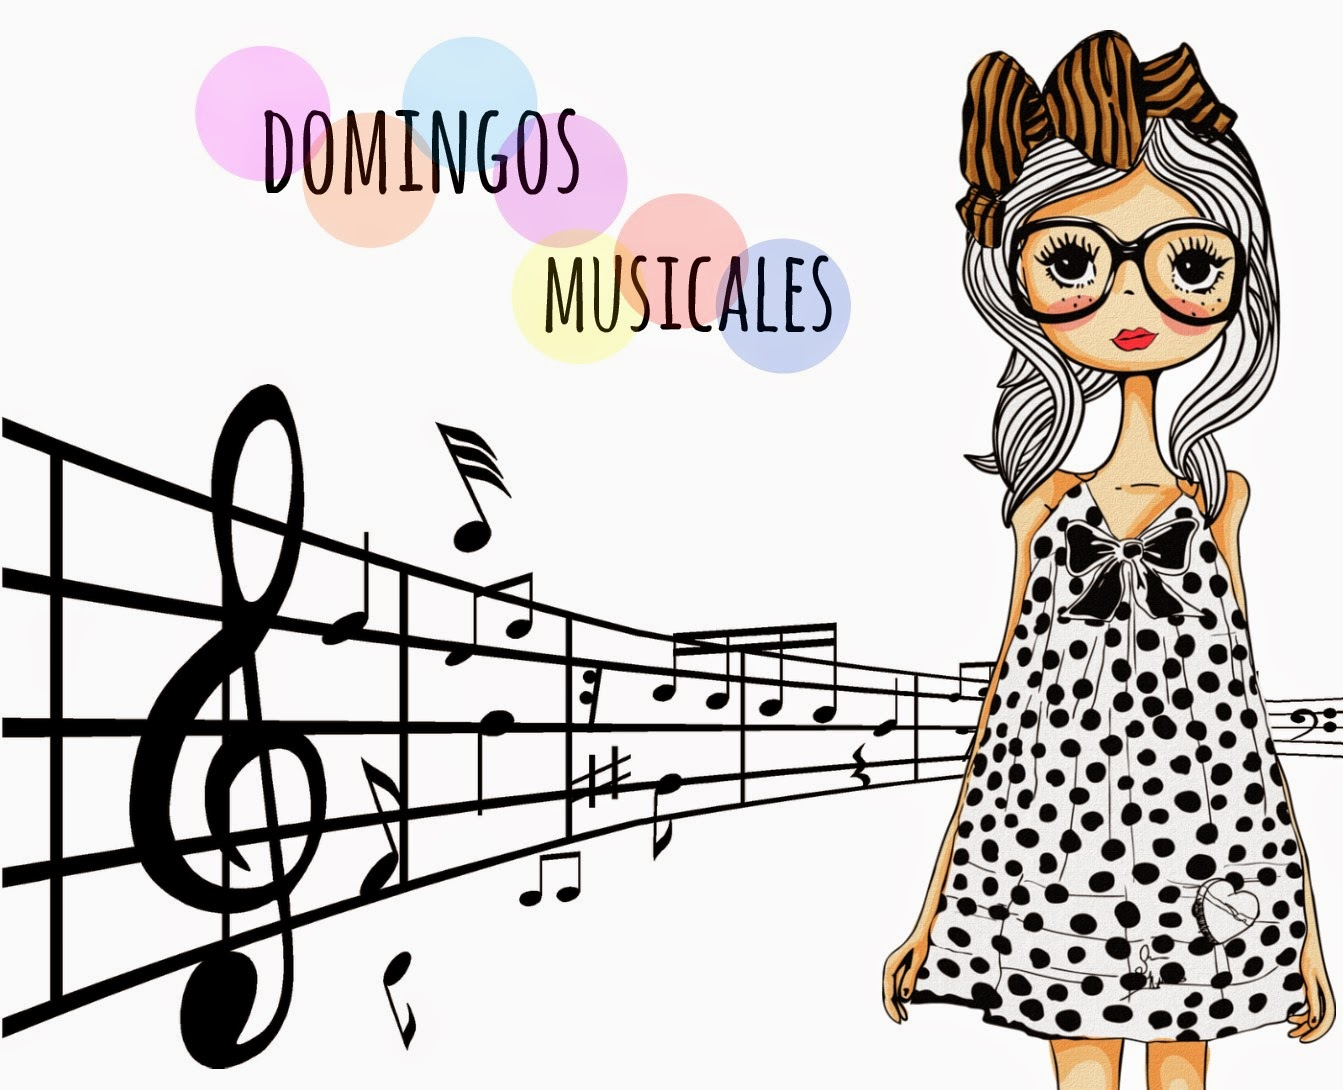 Domingo musical #4